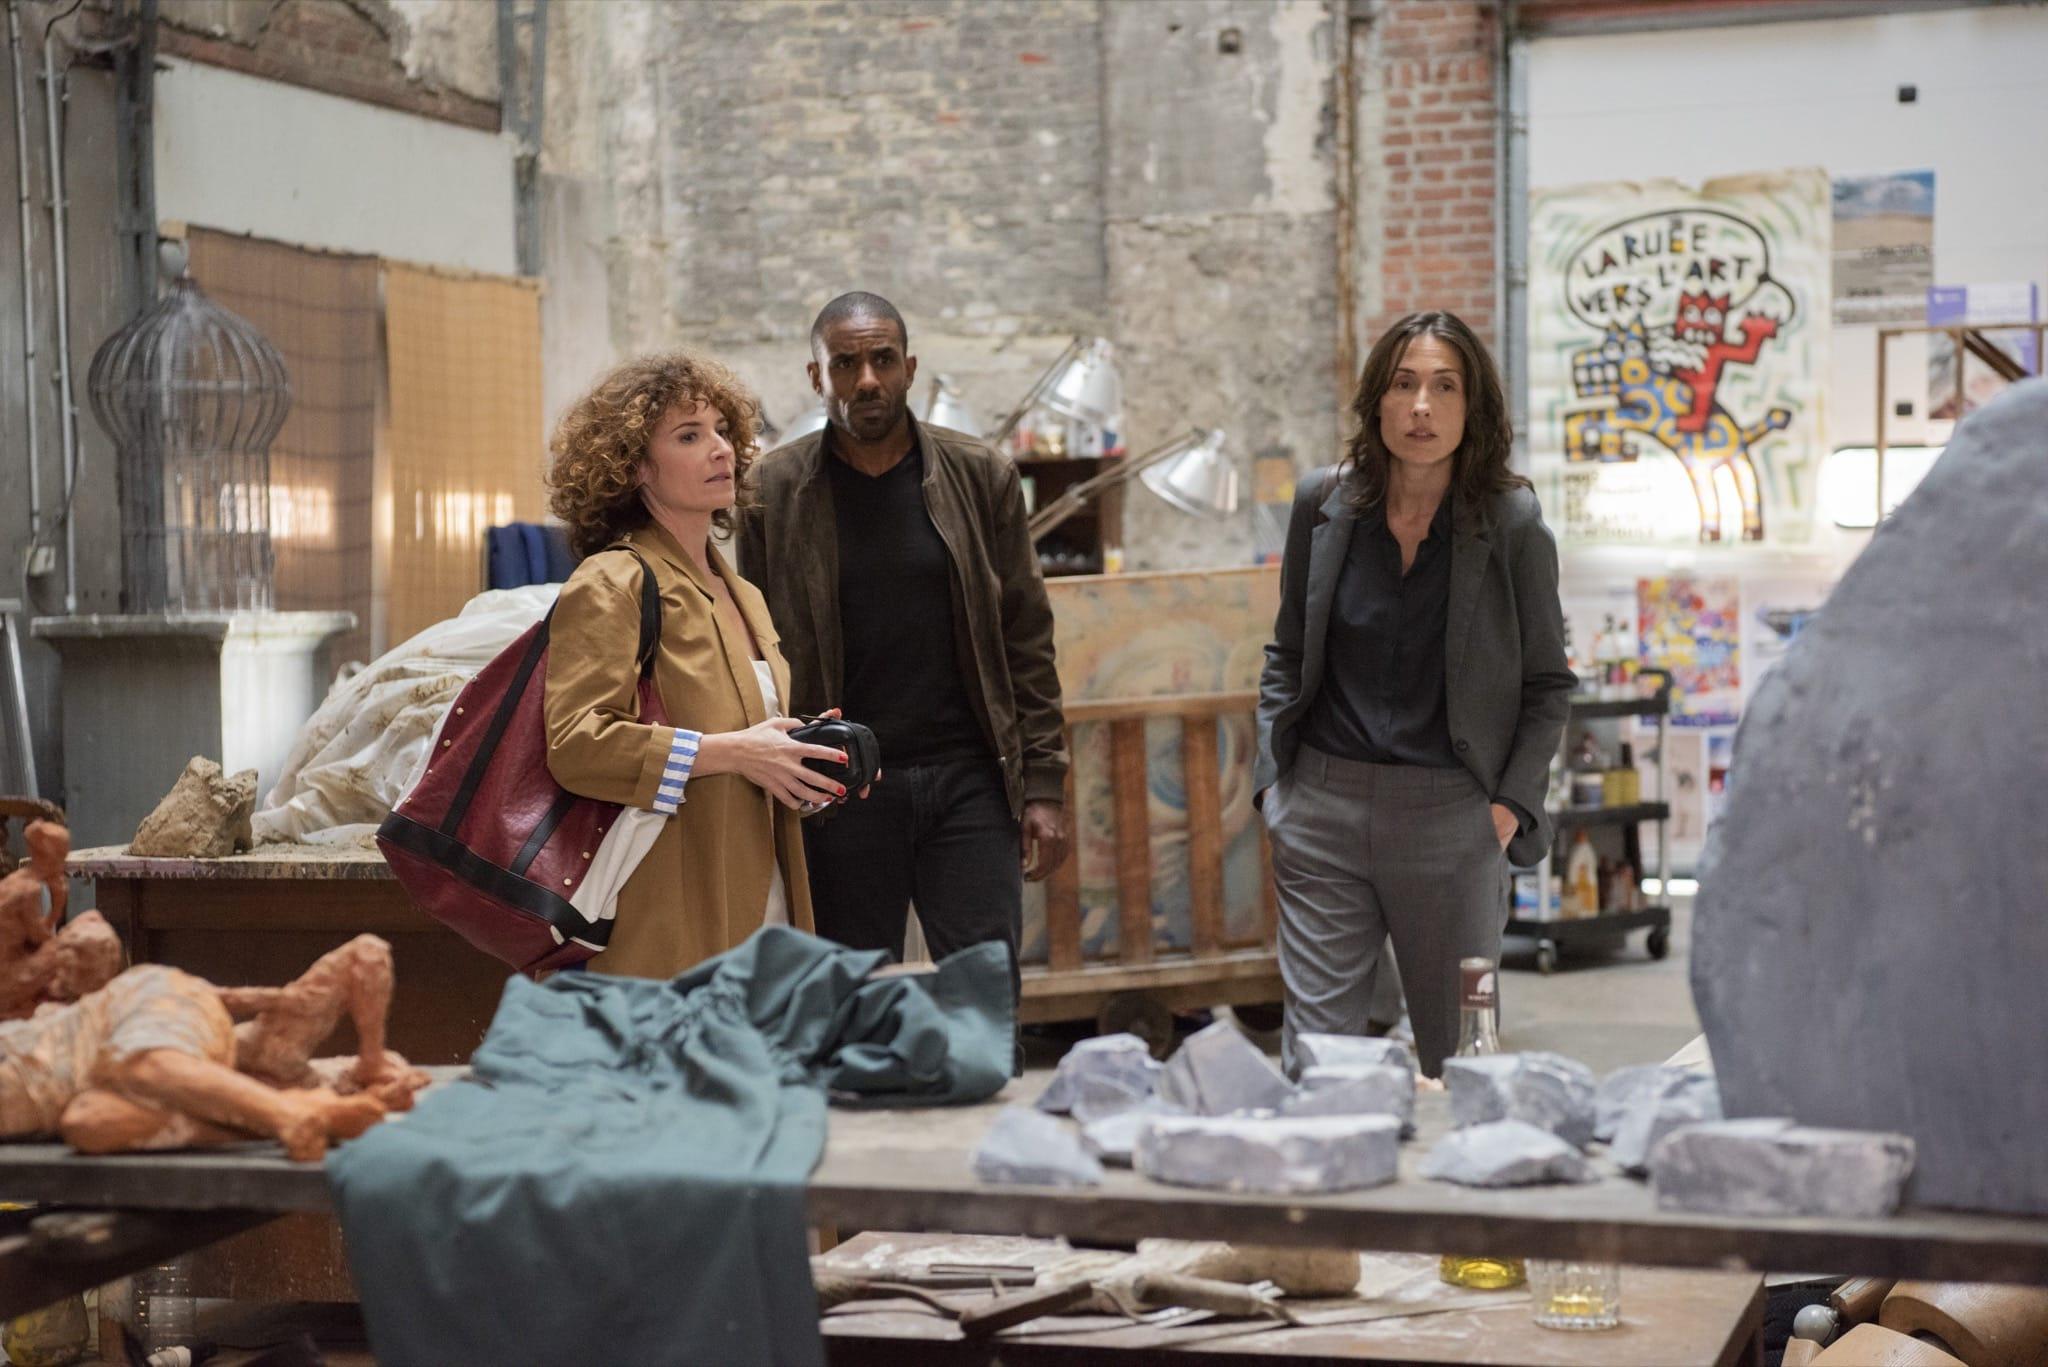 Meurtres à Lille de Laurence Katrian image téléfilm Meurtres à...